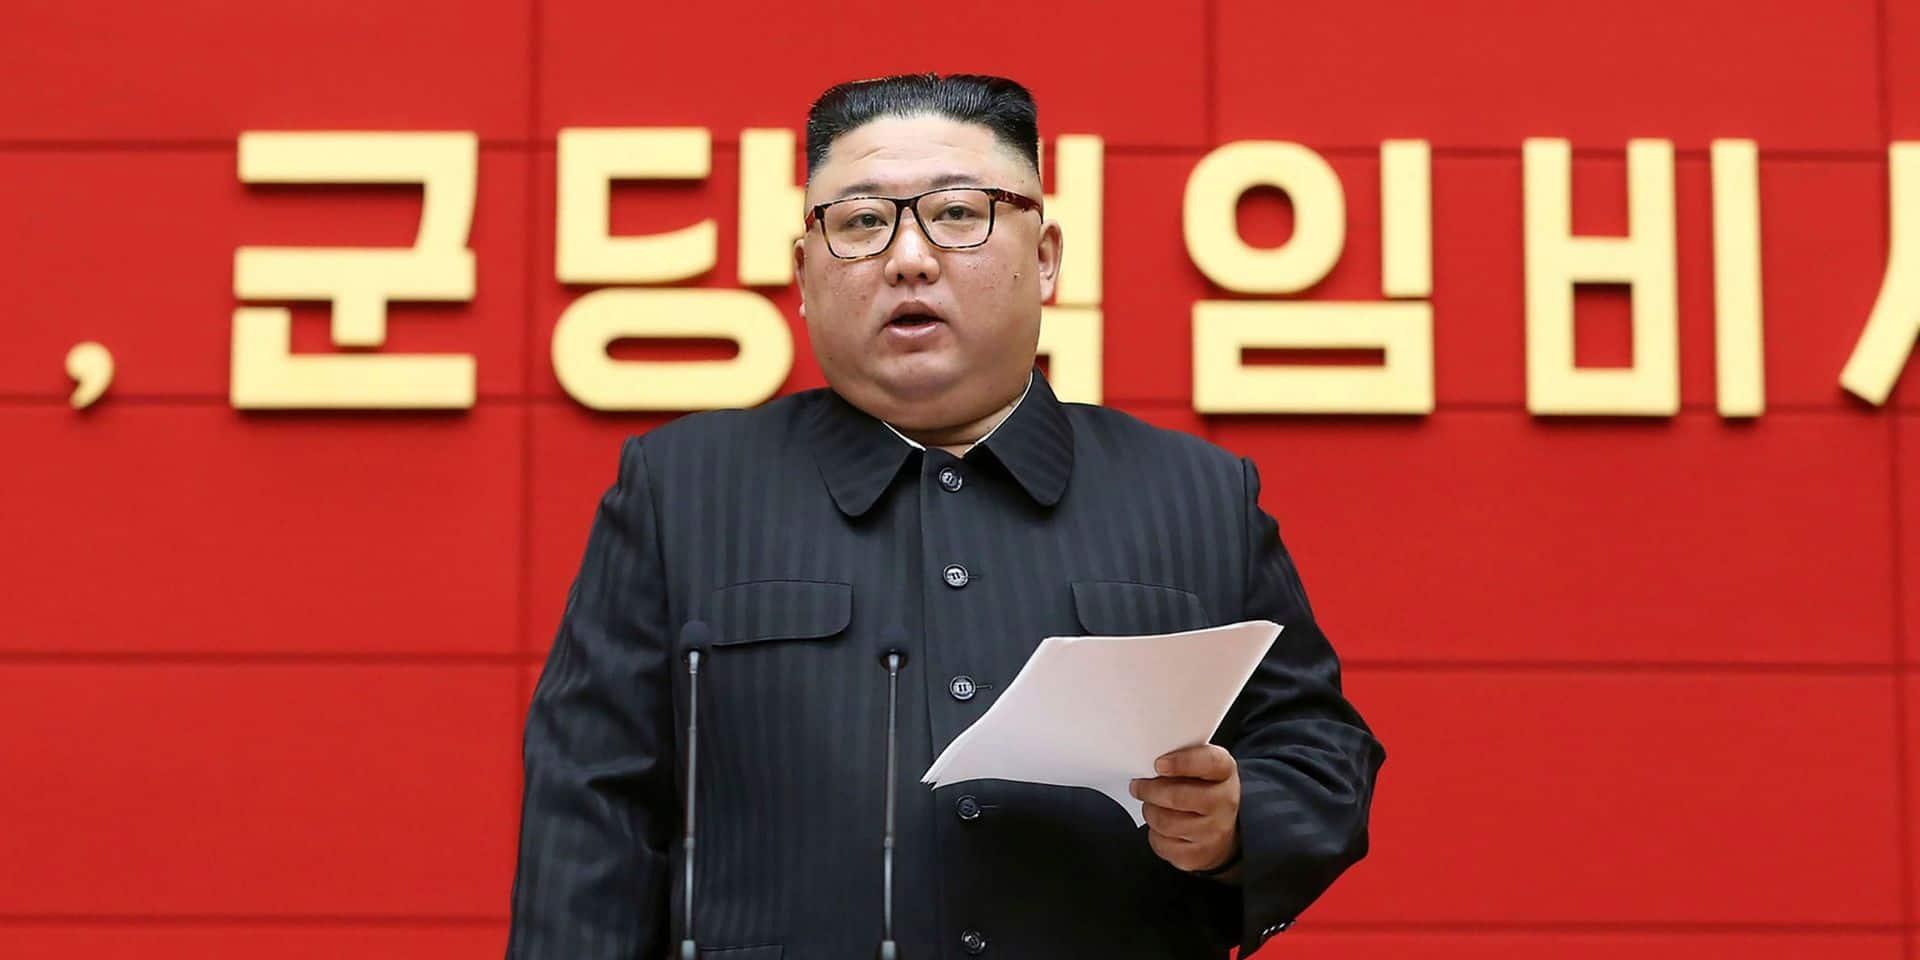 """Kim Jong-Un va-t-il vraiment interdire la coupe """"mulet"""" et les jeans """"skinny"""" sur son territoire ?"""